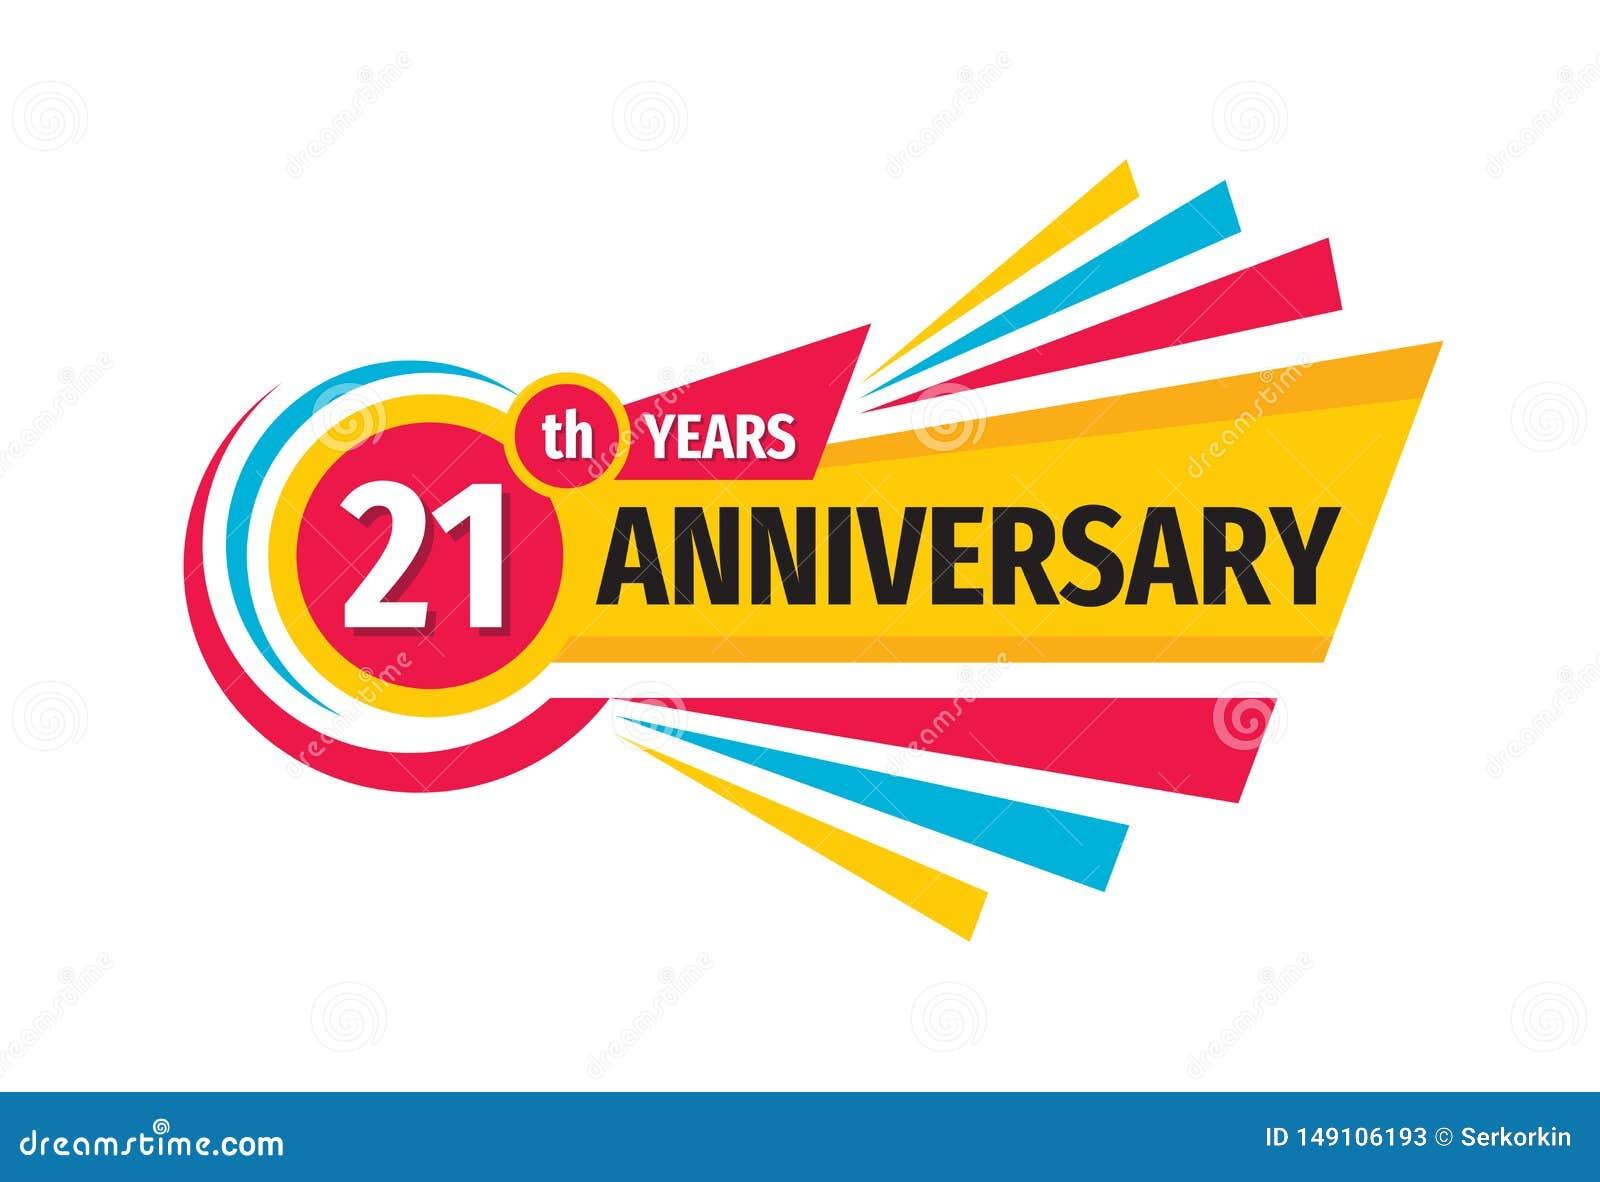 Th-21 het embleemontwerp van de verjaardagsbanner Eenentwintig jaar van het verjaardagskenteken het embleem Abstracte geometrisch